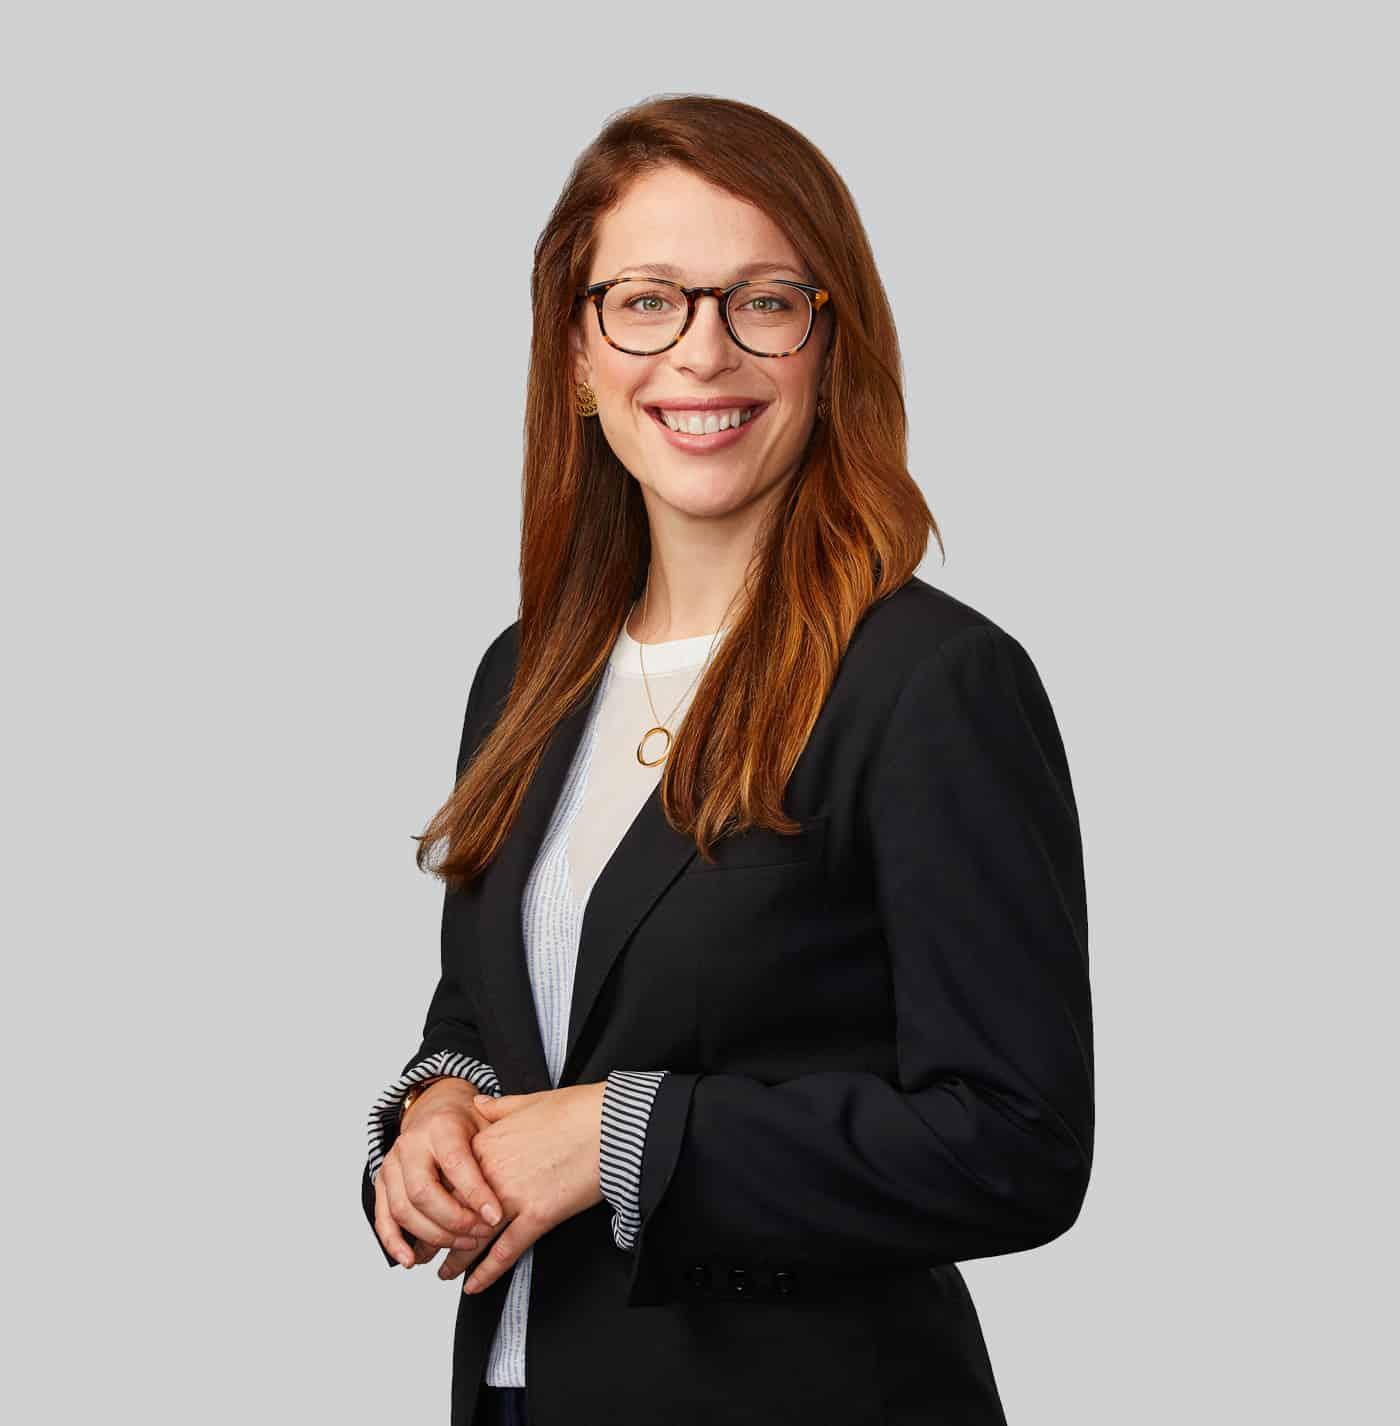 Marjolaine Olwell